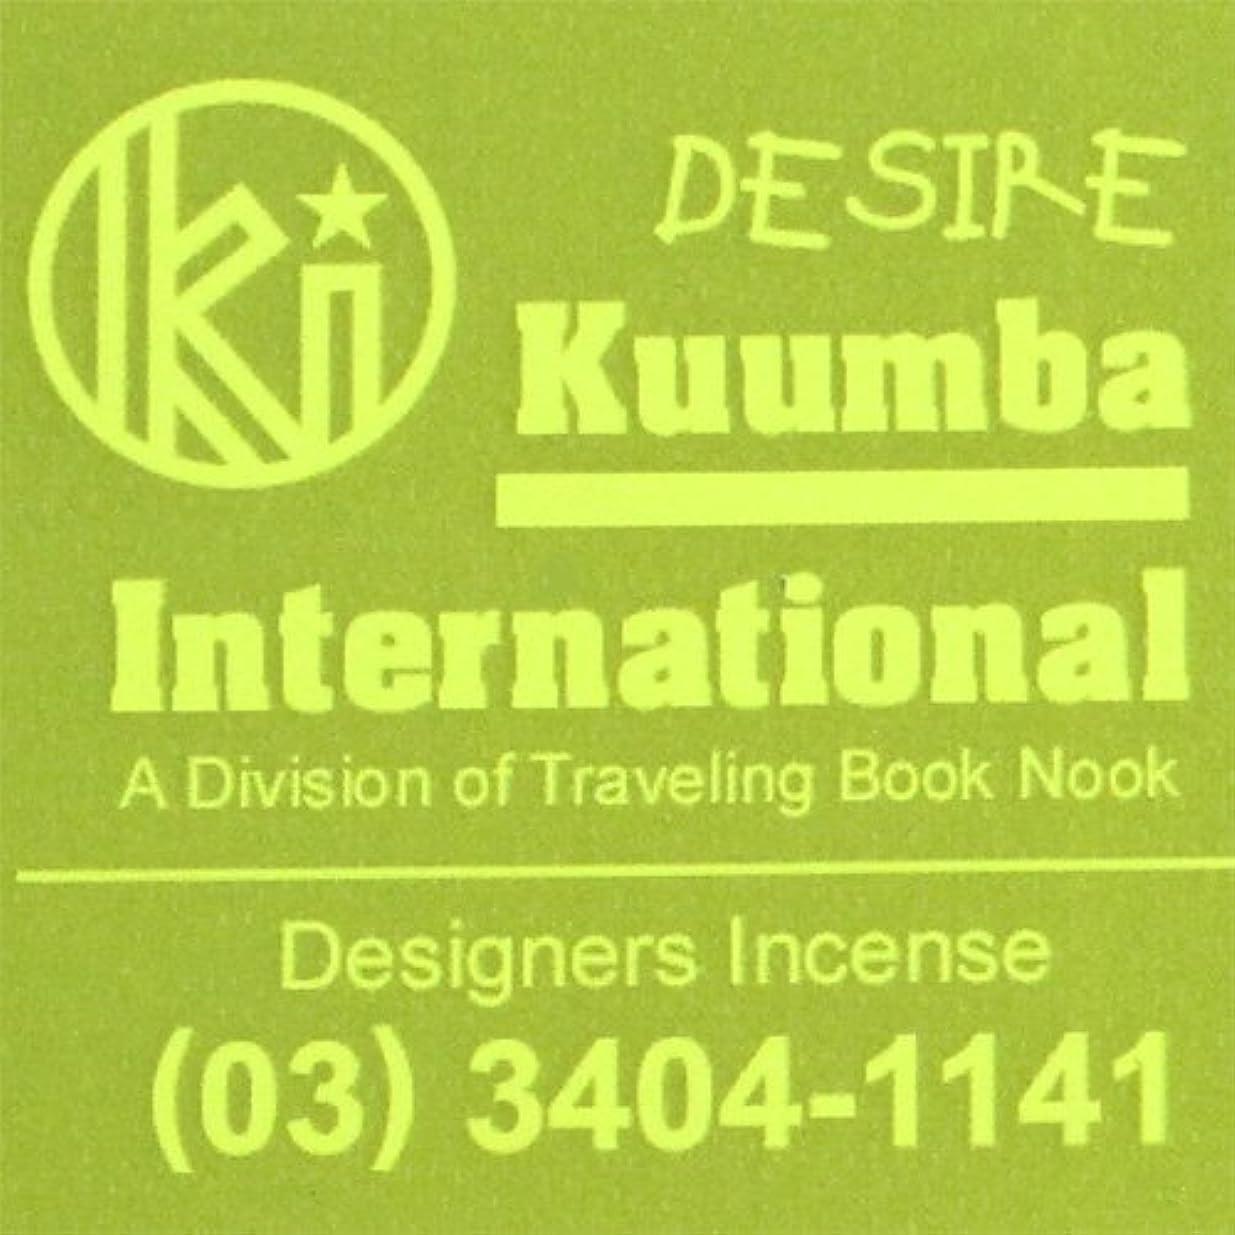 トランペット変える投資(クンバ) KUUMBA『classic regular incense』(DESIRE) (Regular size)